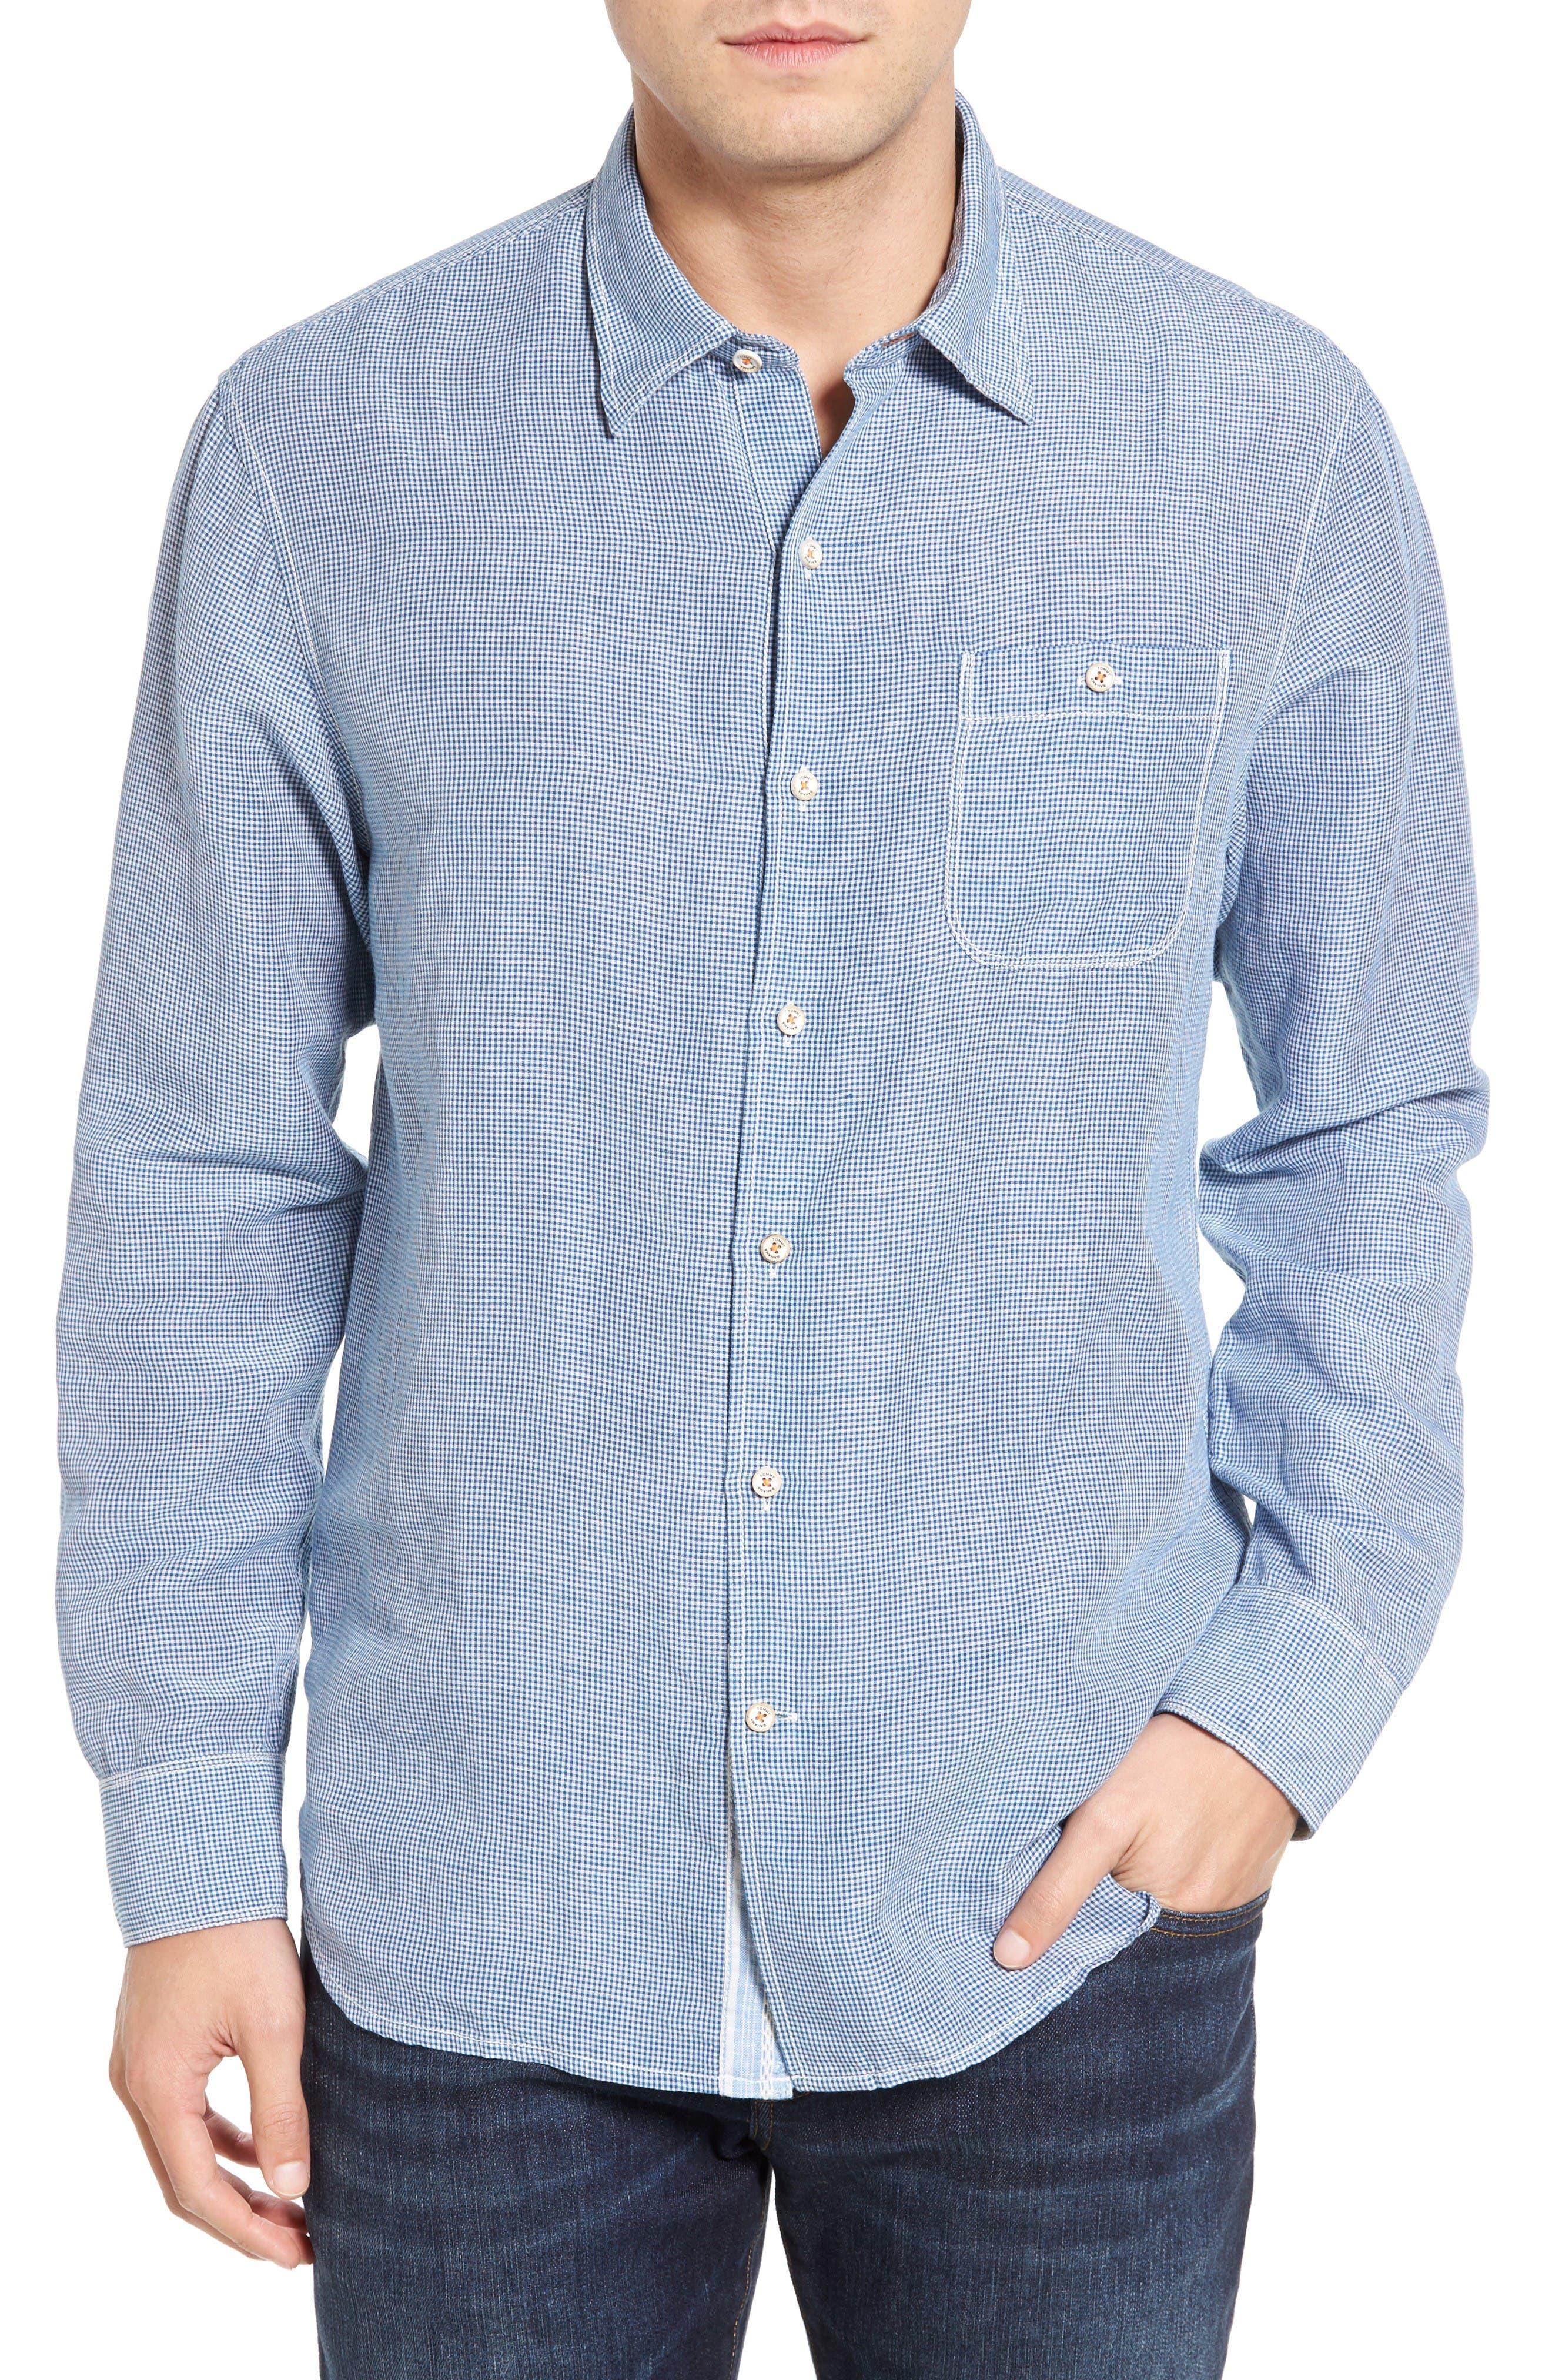 Sand Linen Island Modern Fit Sport Shirt,                         Main,                         color, Bering Blue